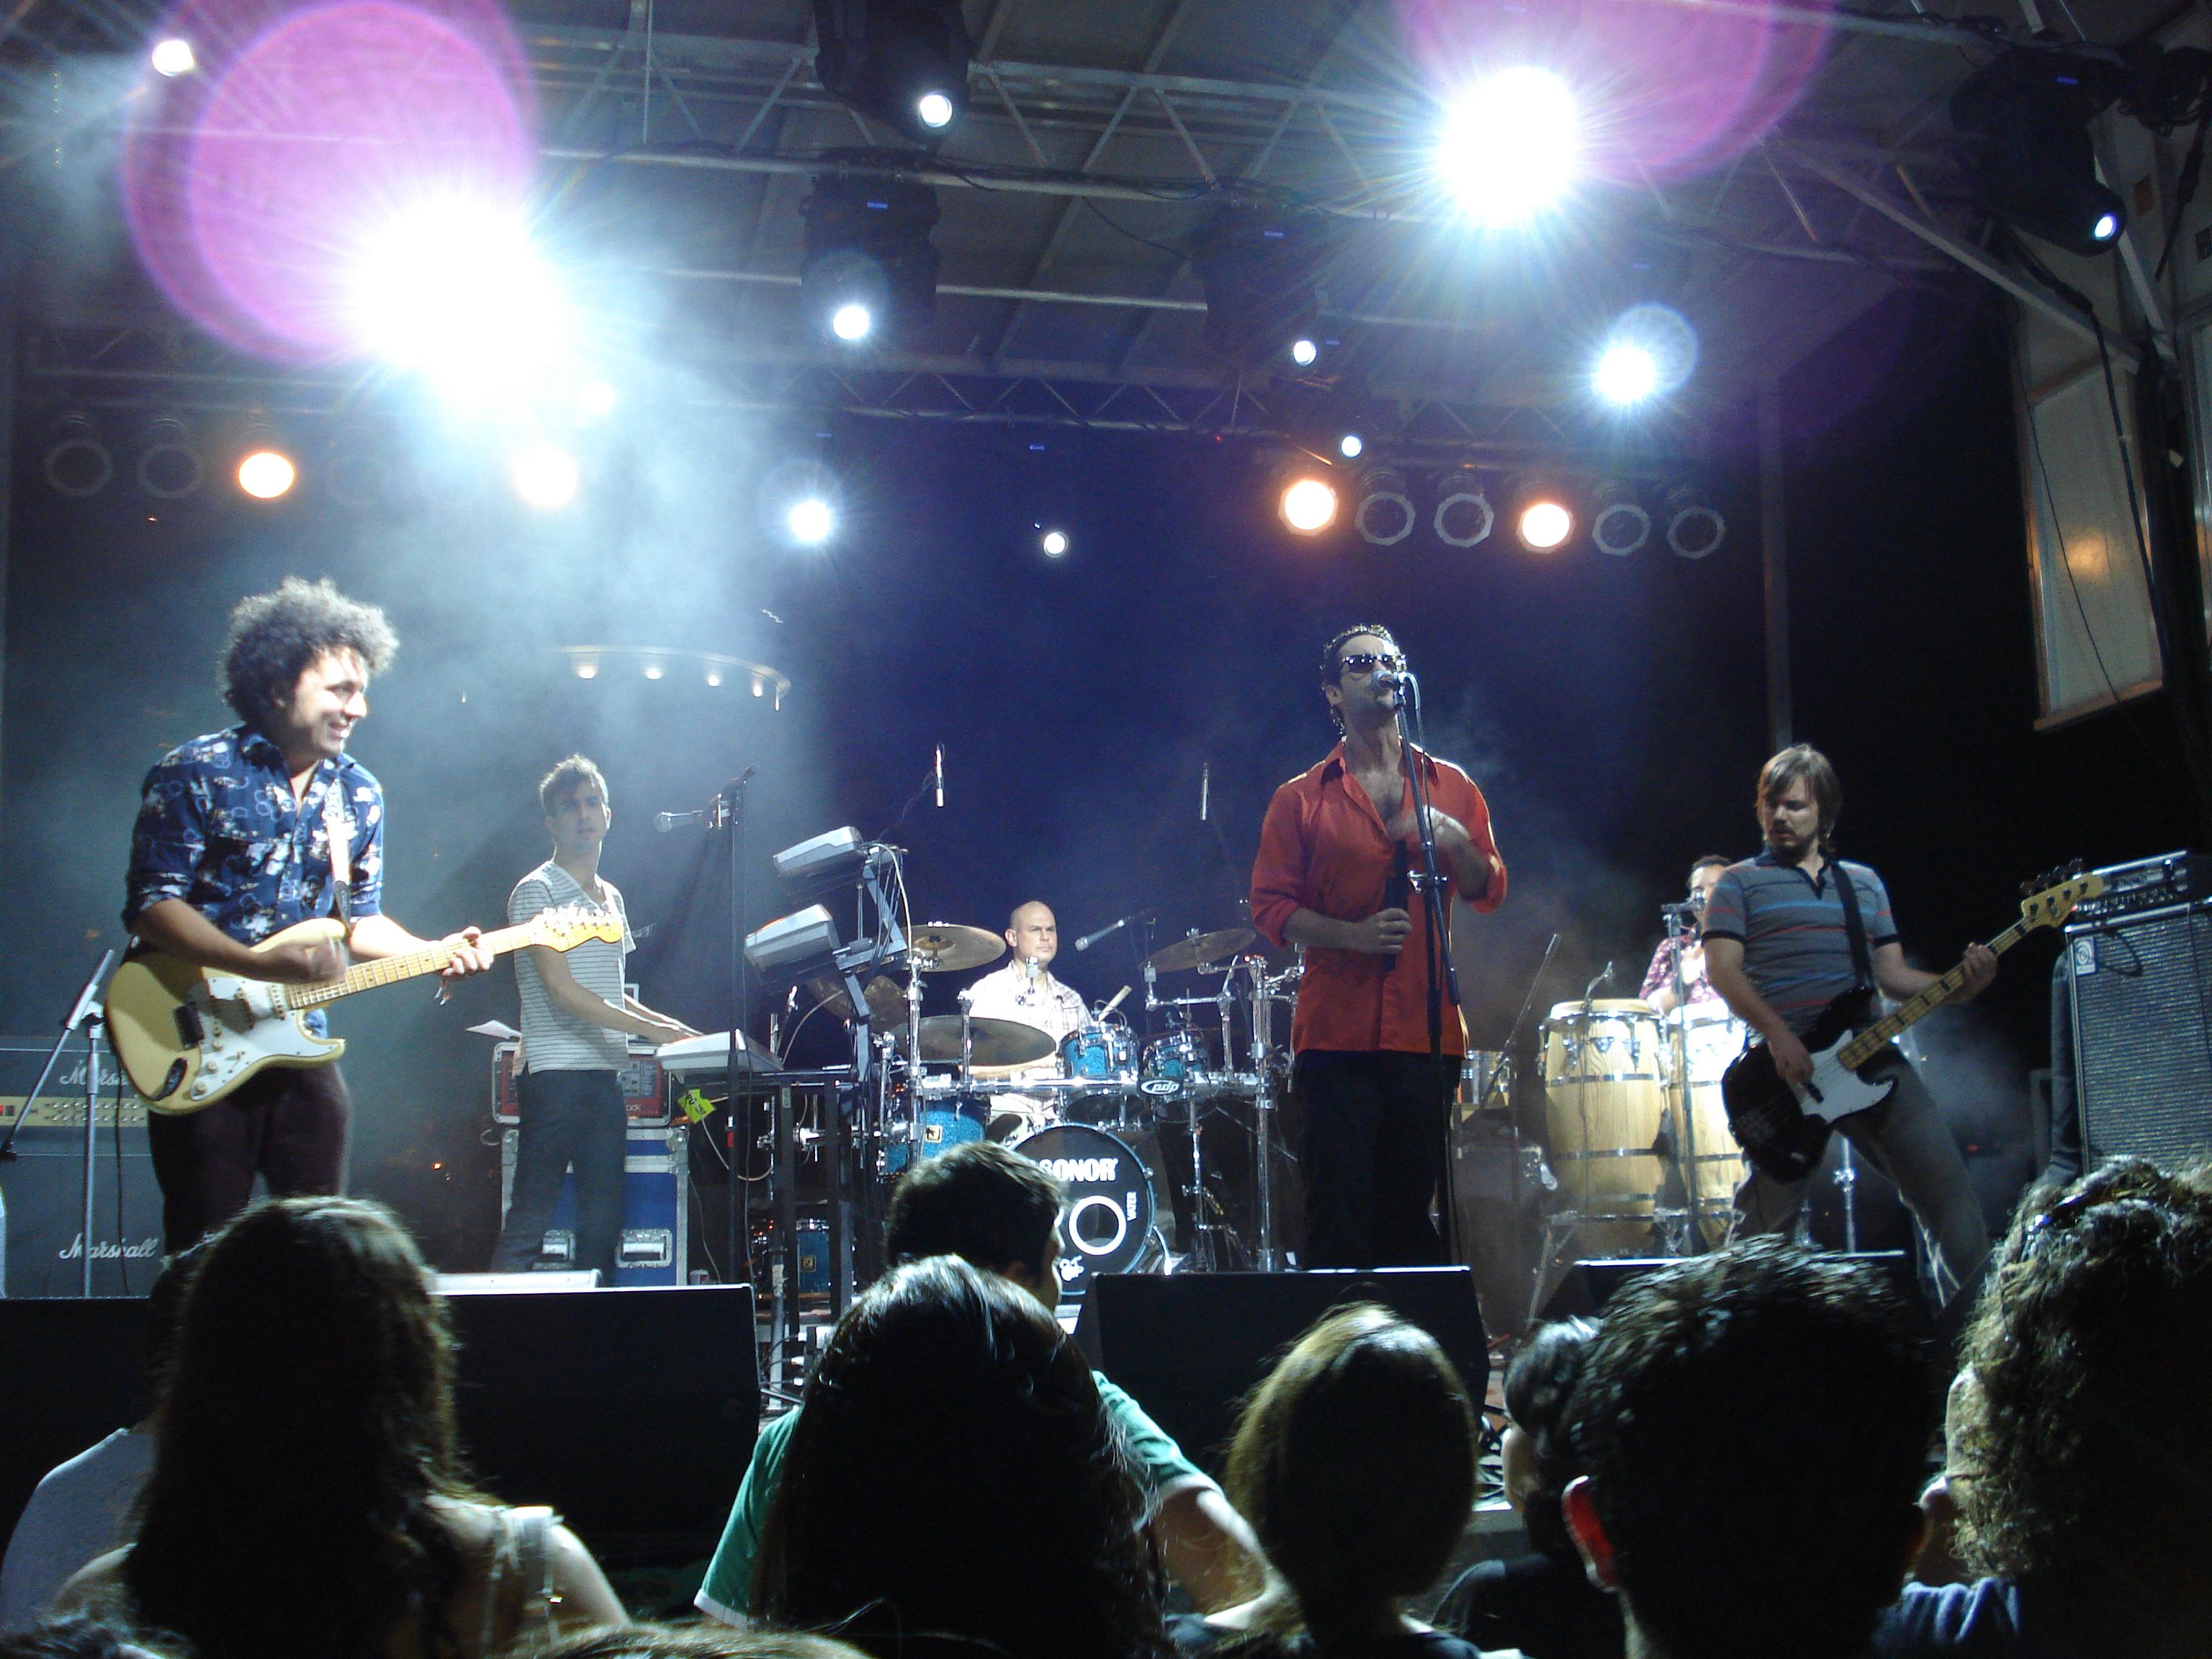 Los Amigos Invisibles, grupo de dance, funk y fusión